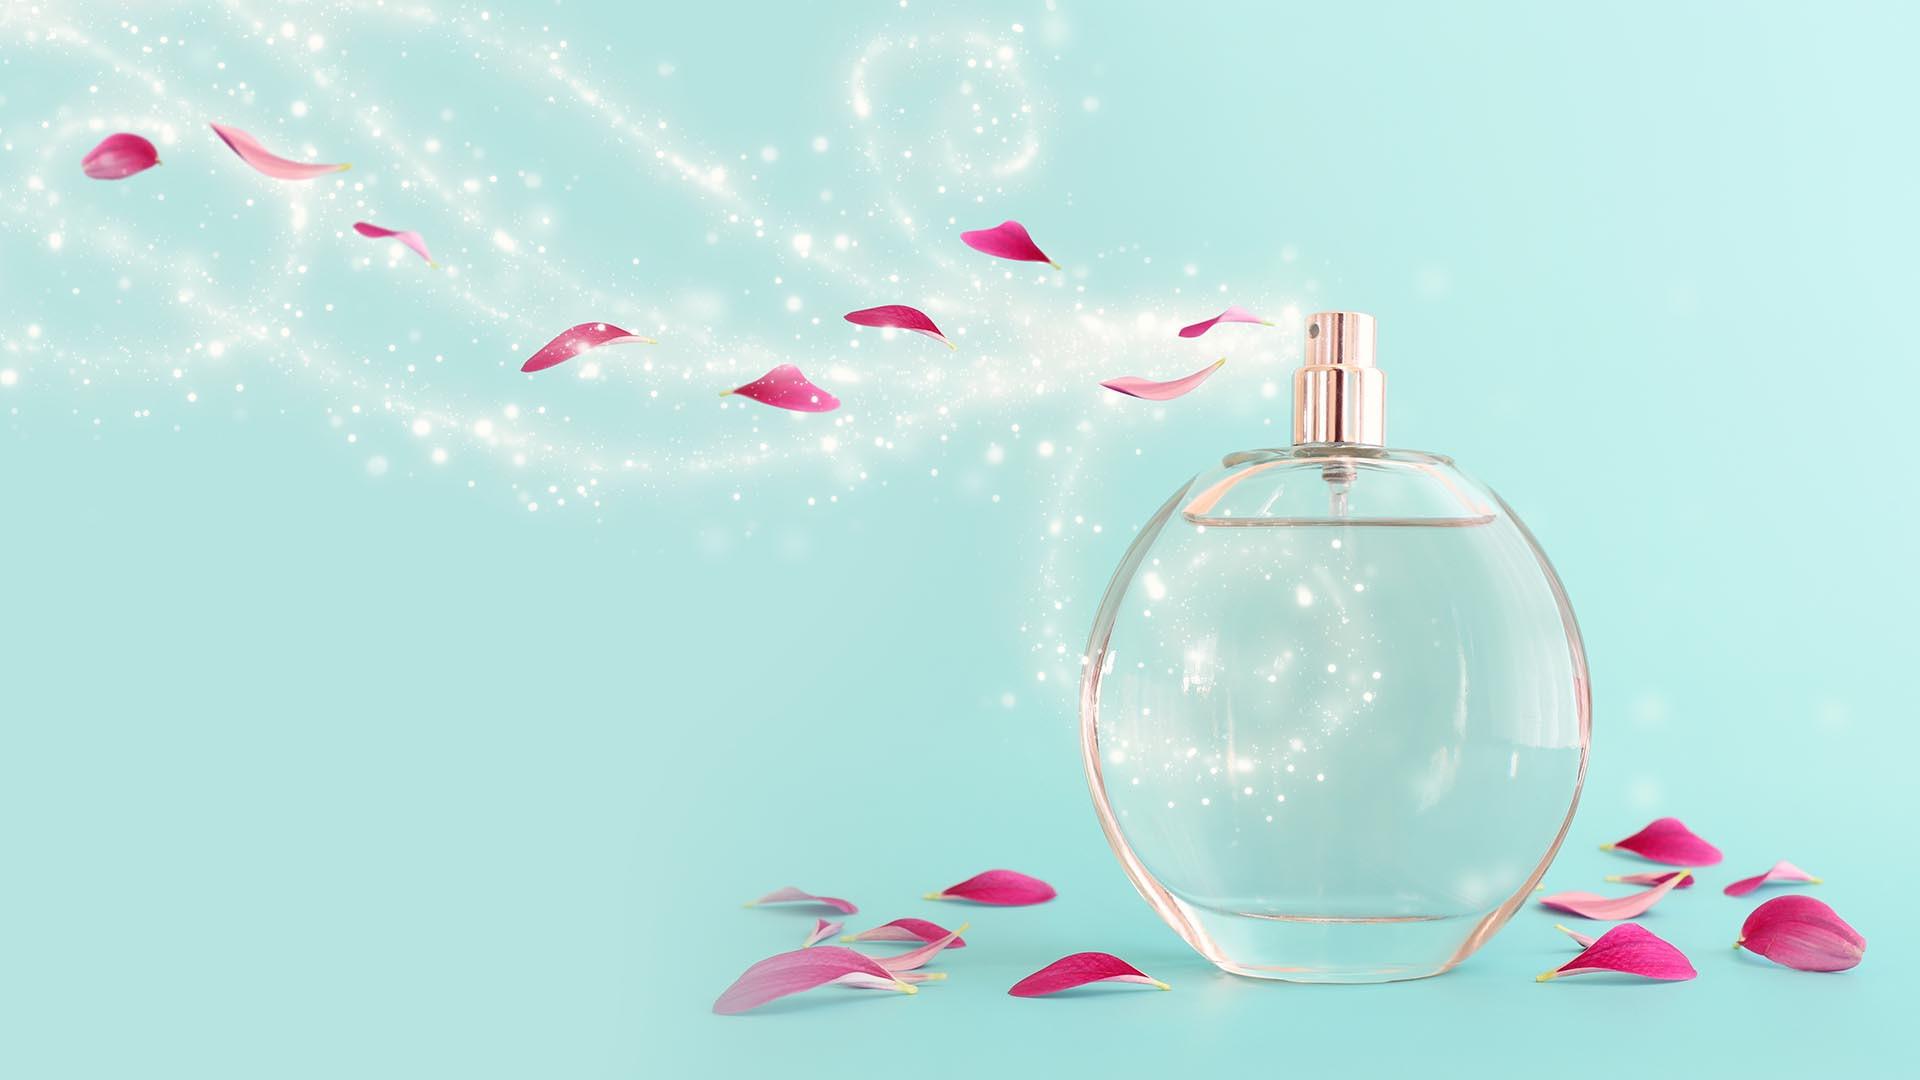 Il tuo stile di vita si riflette nella fragranza che indossi?